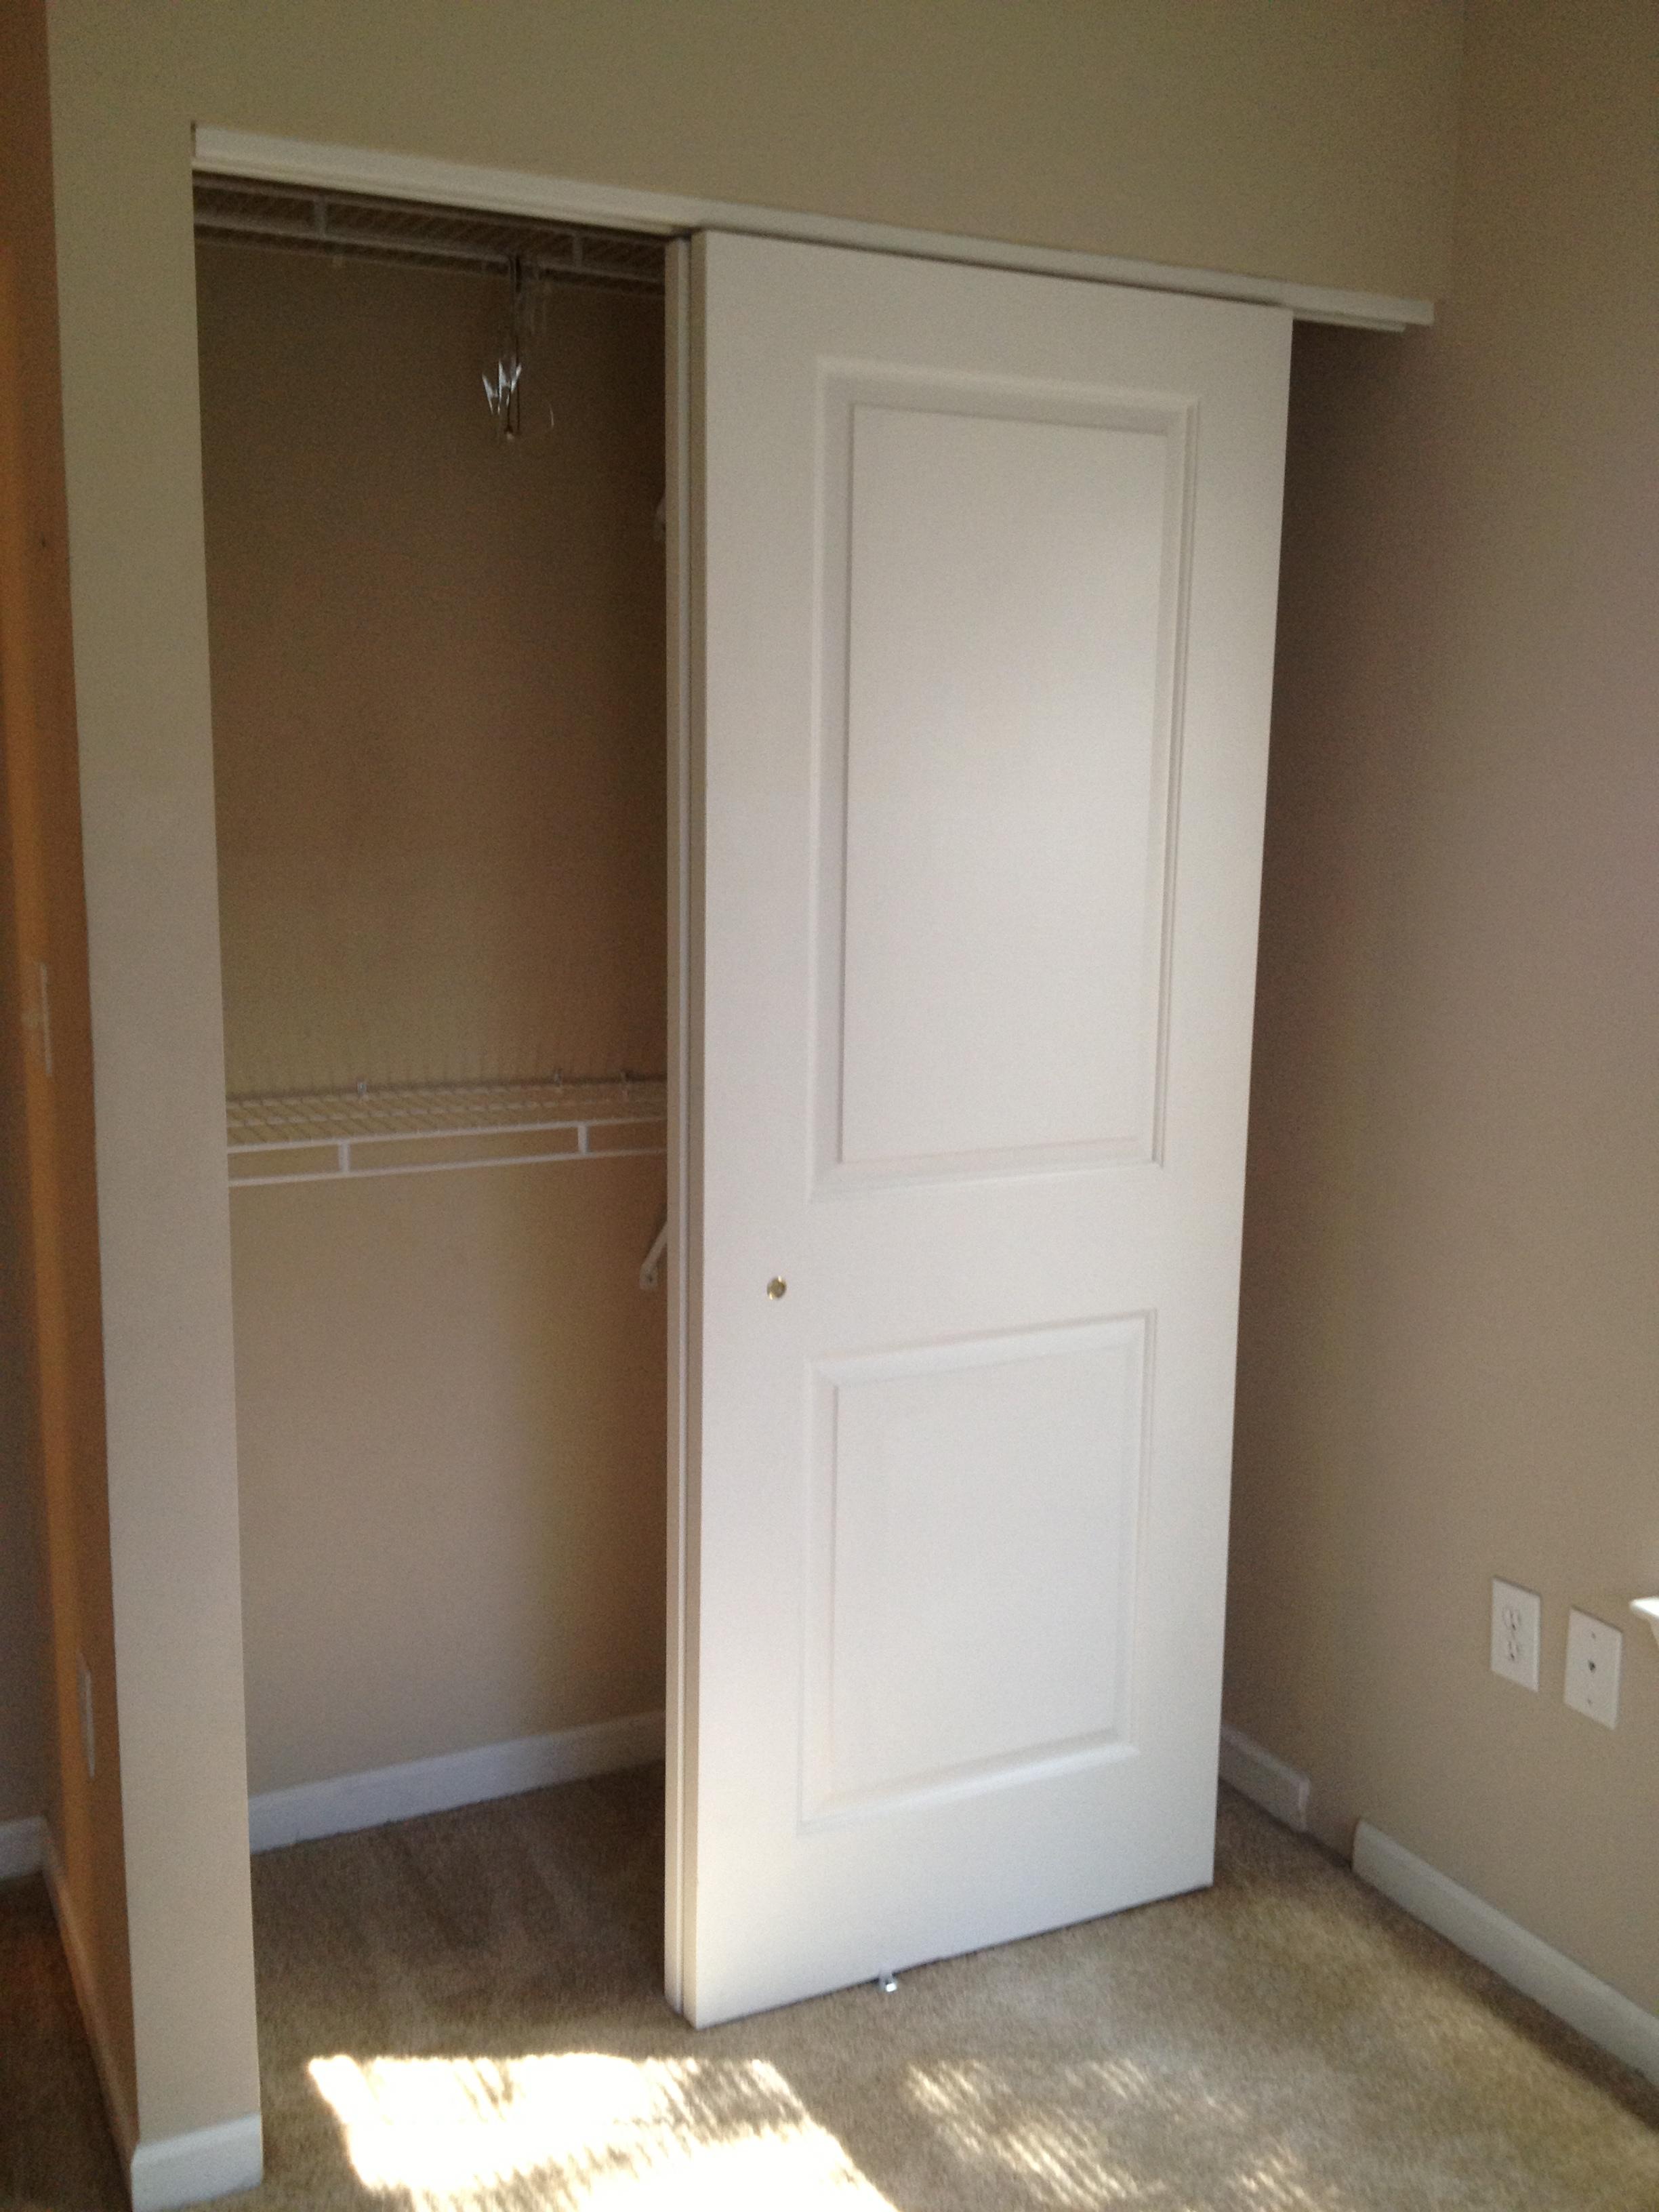 home depot wood doors interior edeprem  Bedroom designs. Home Depot Bedroom Doors   clandestin info